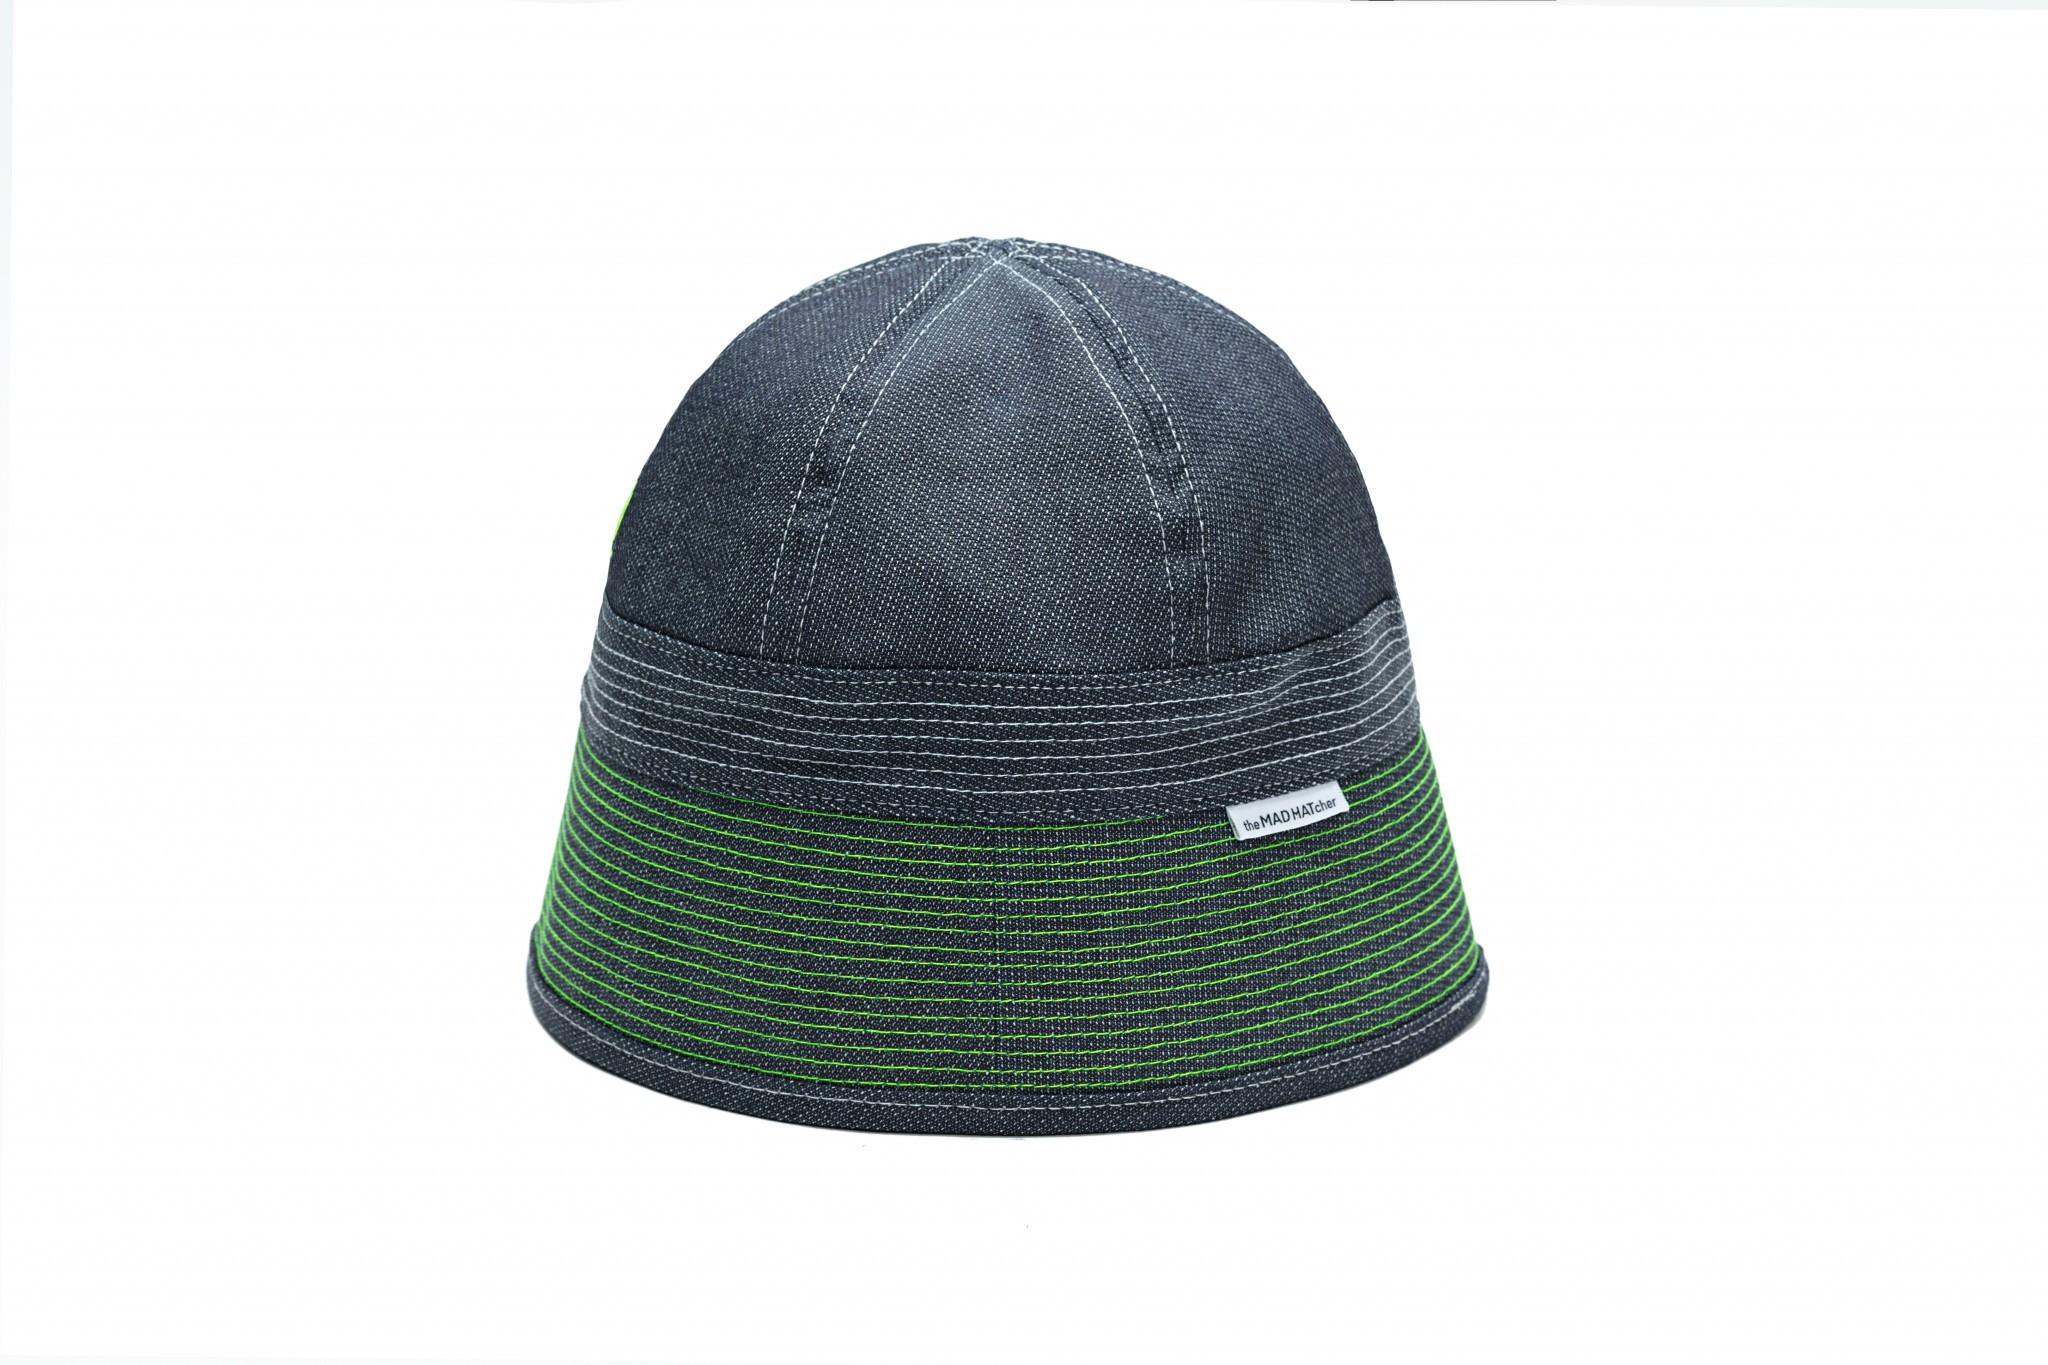 TMH帽子白底005